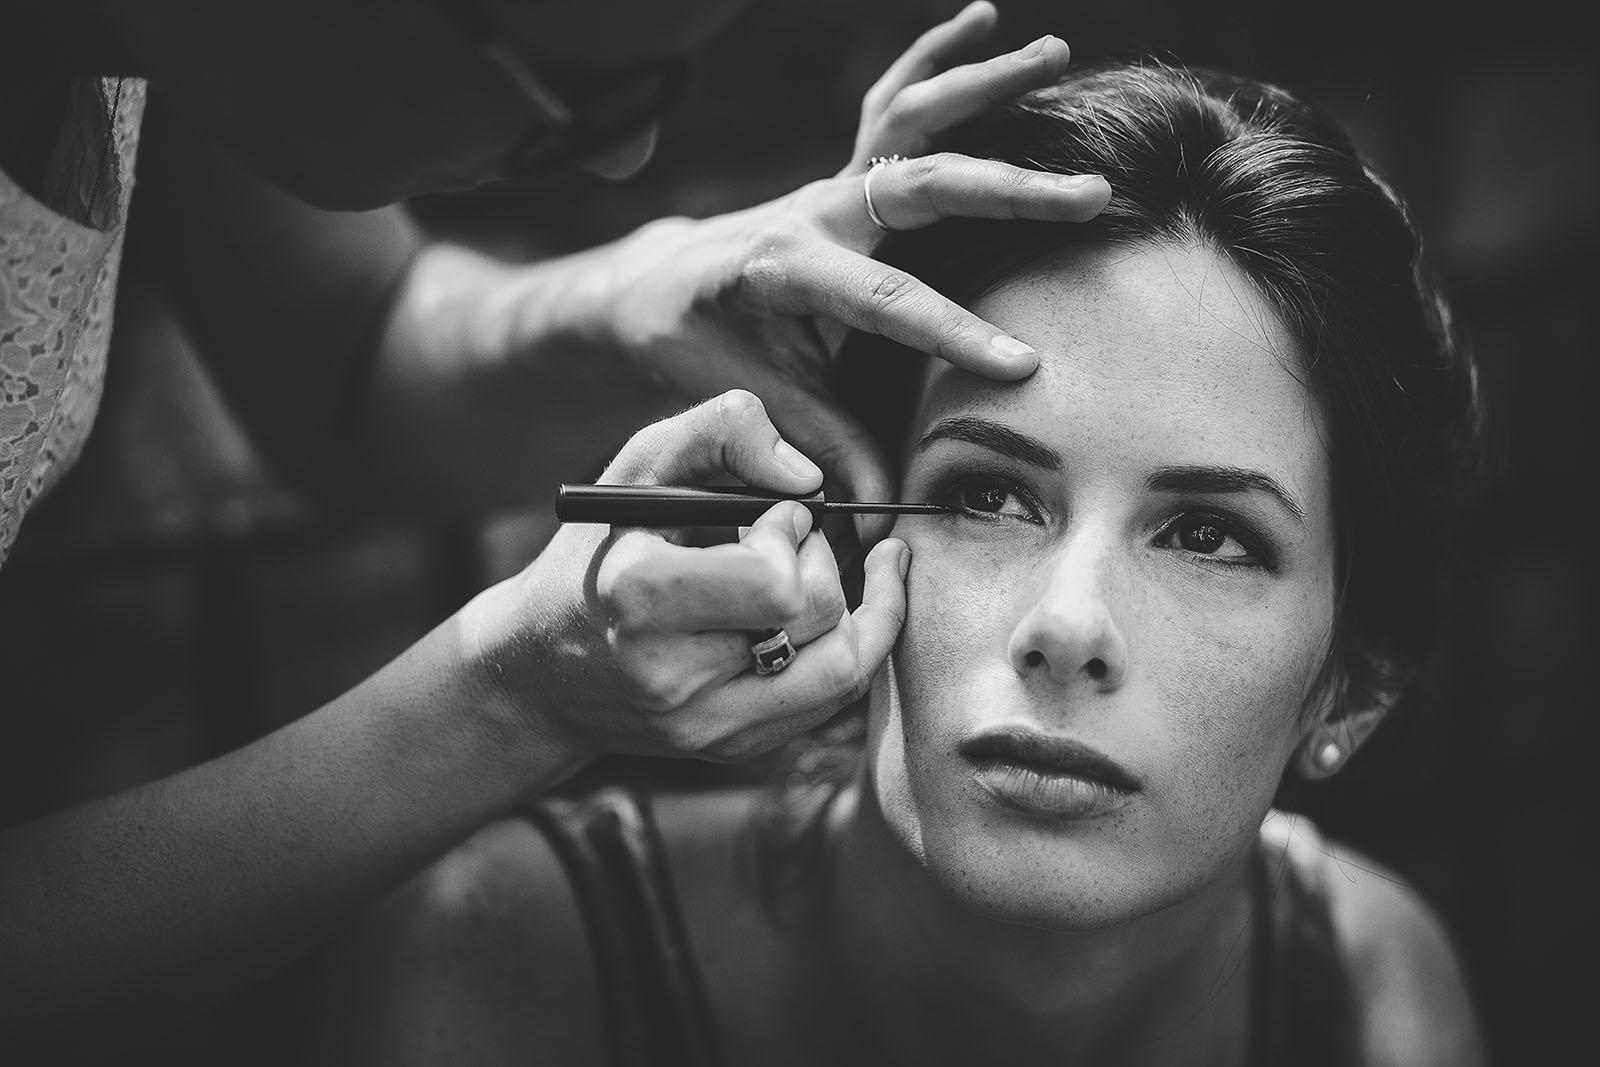 Mariage au Comptoir Saint Hilaire. Beau portrait de la mariée durant les préparatifs et le maquillage. David Pommier Photographe de mariage